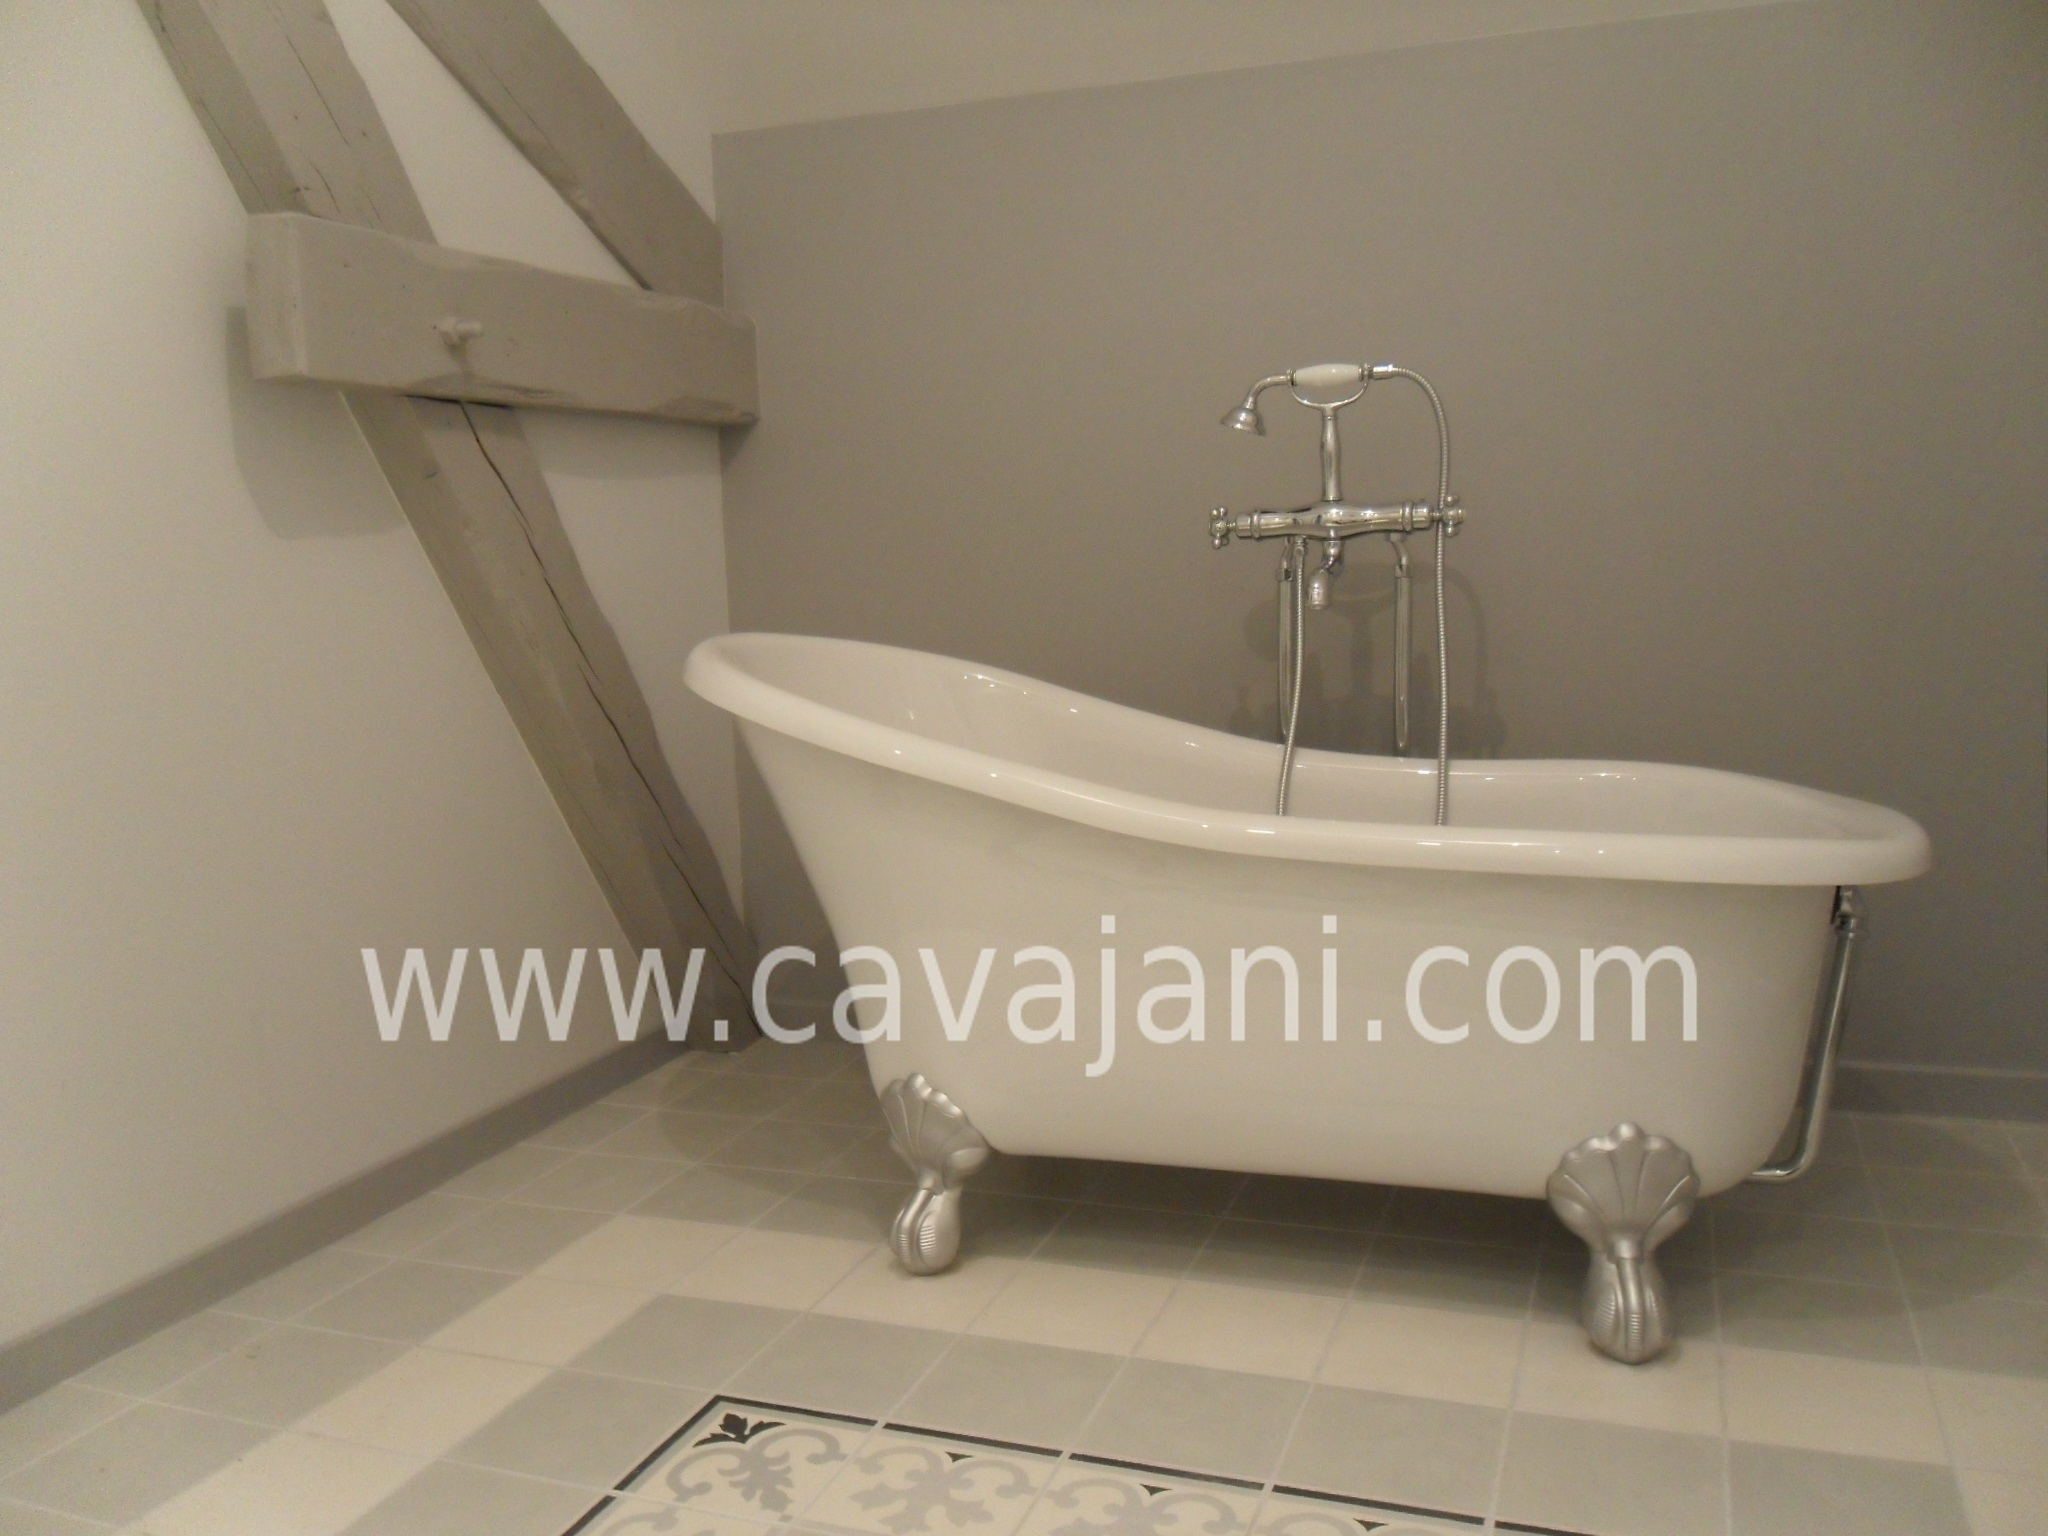 Wolf cavajani votre artisan id al renovation - Salle de bain avec baignoire sur pied ...